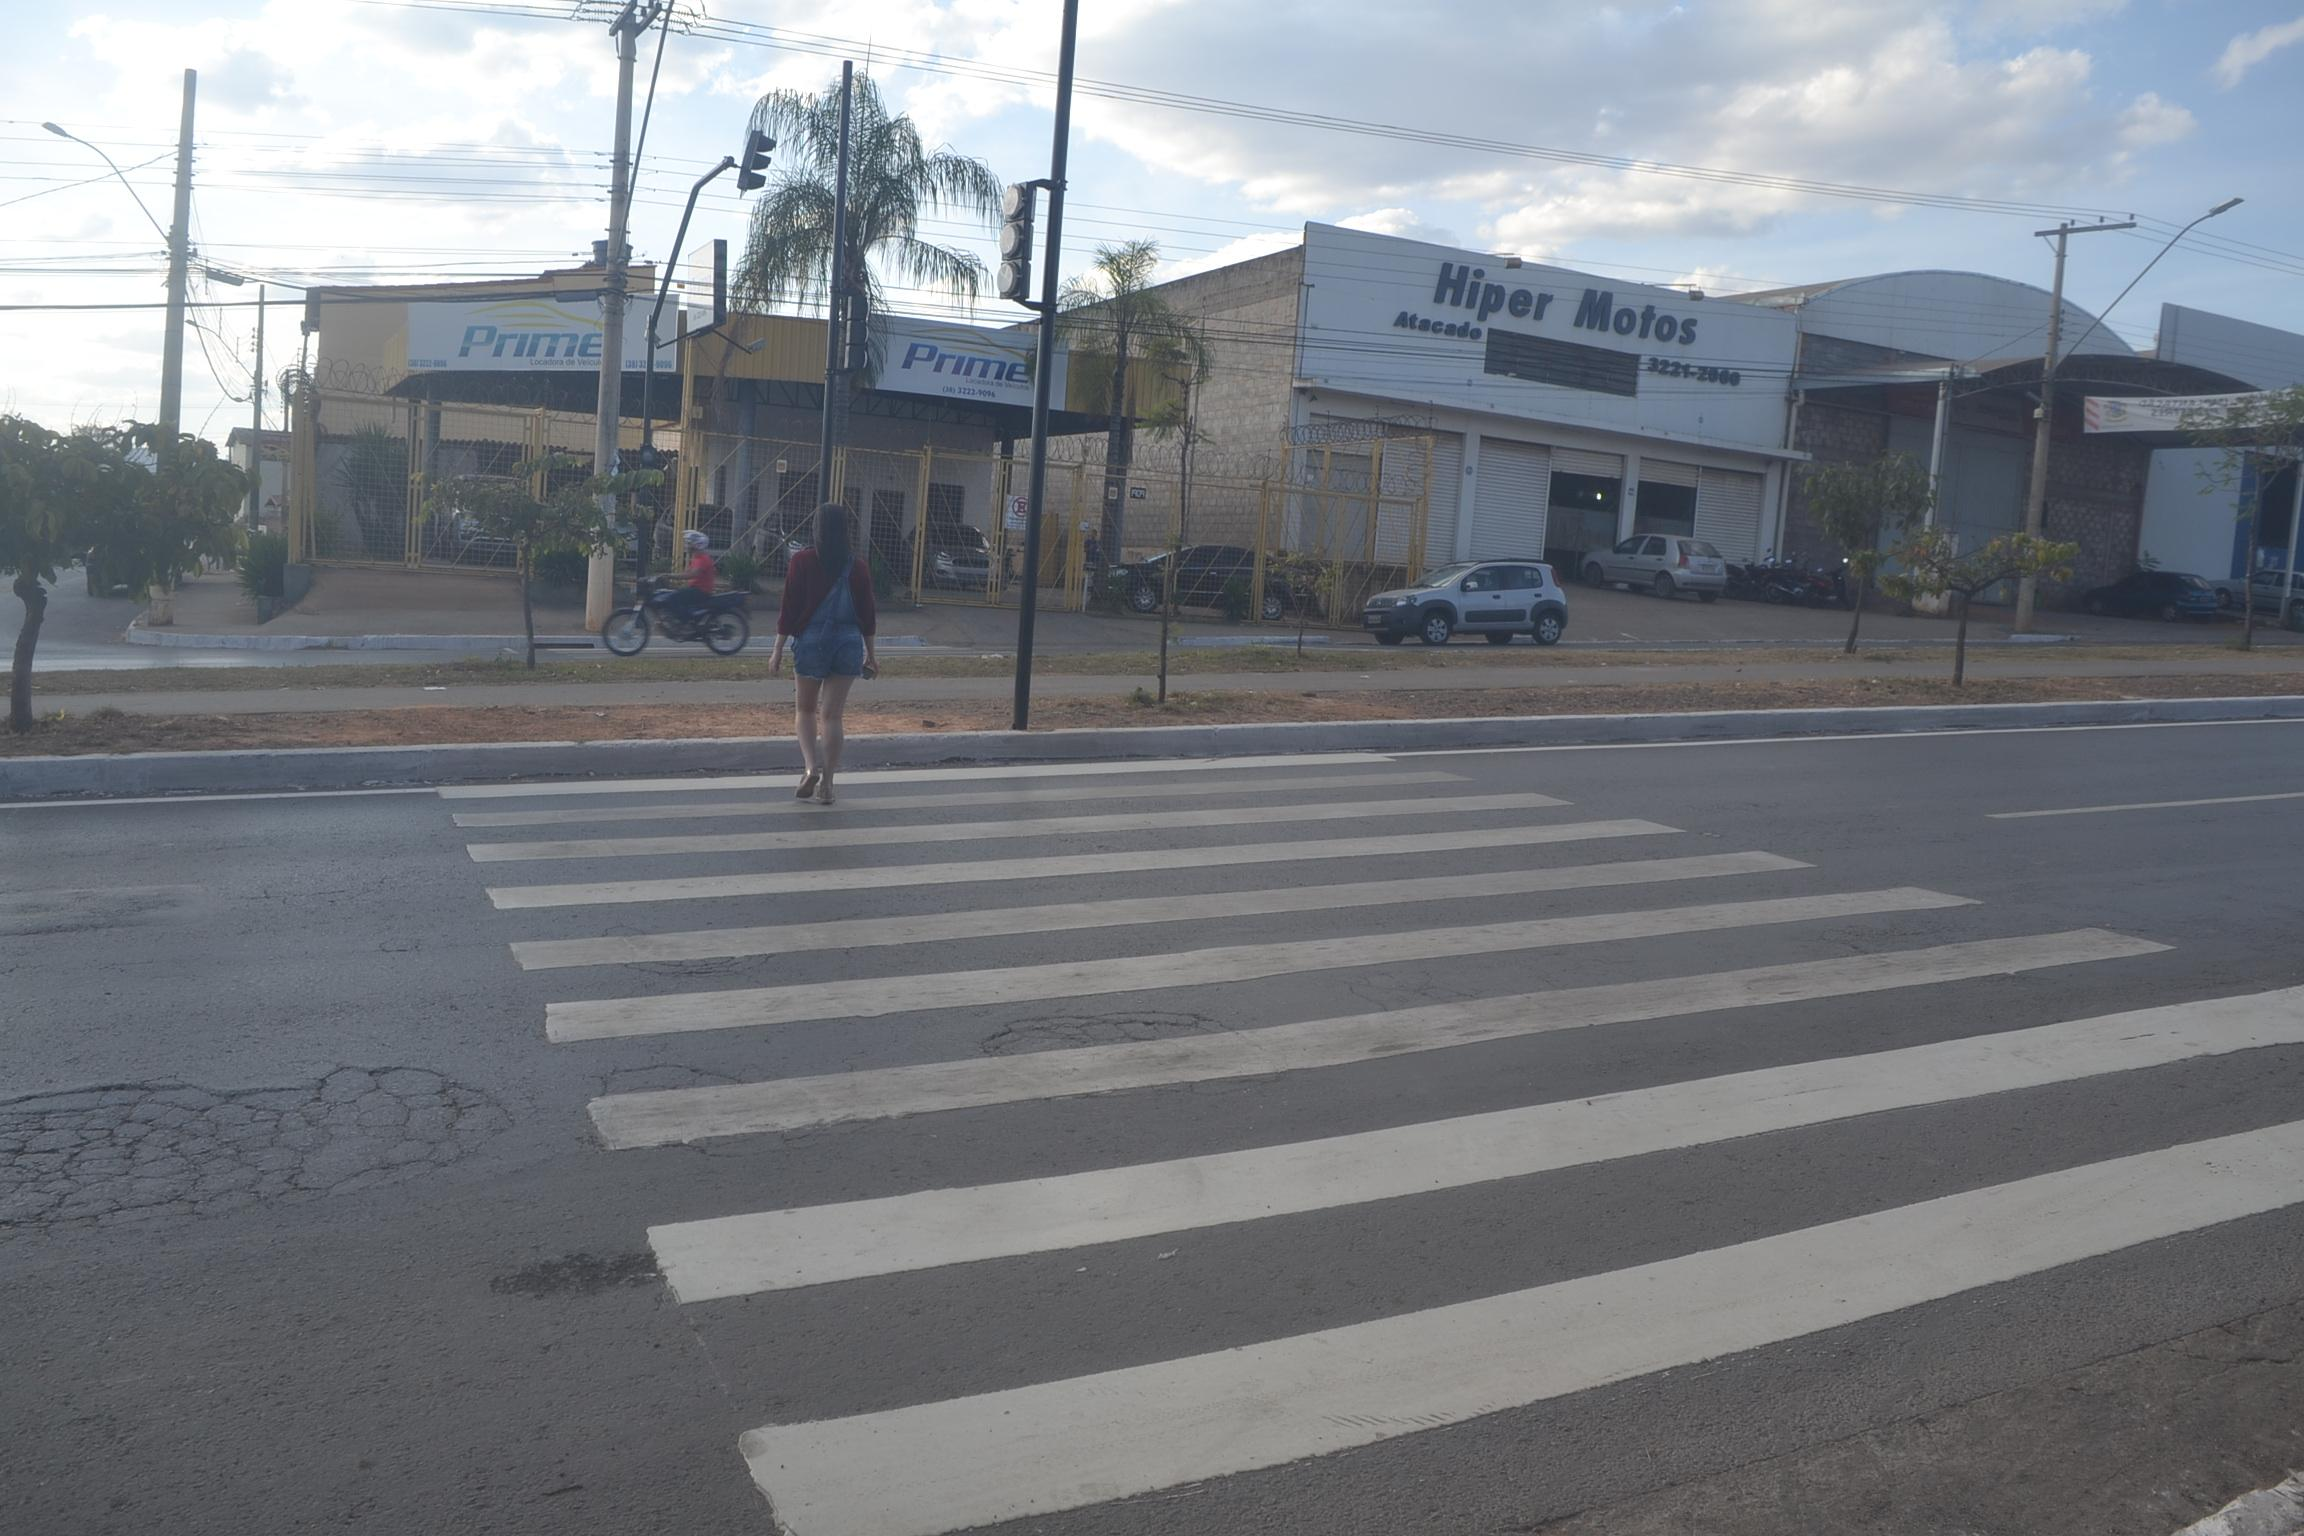 Imagem de destaque Mobilidade Urbana e Segurança  -  Prefeitura investe na sinalização da avenida Governador Magalhães Pinto